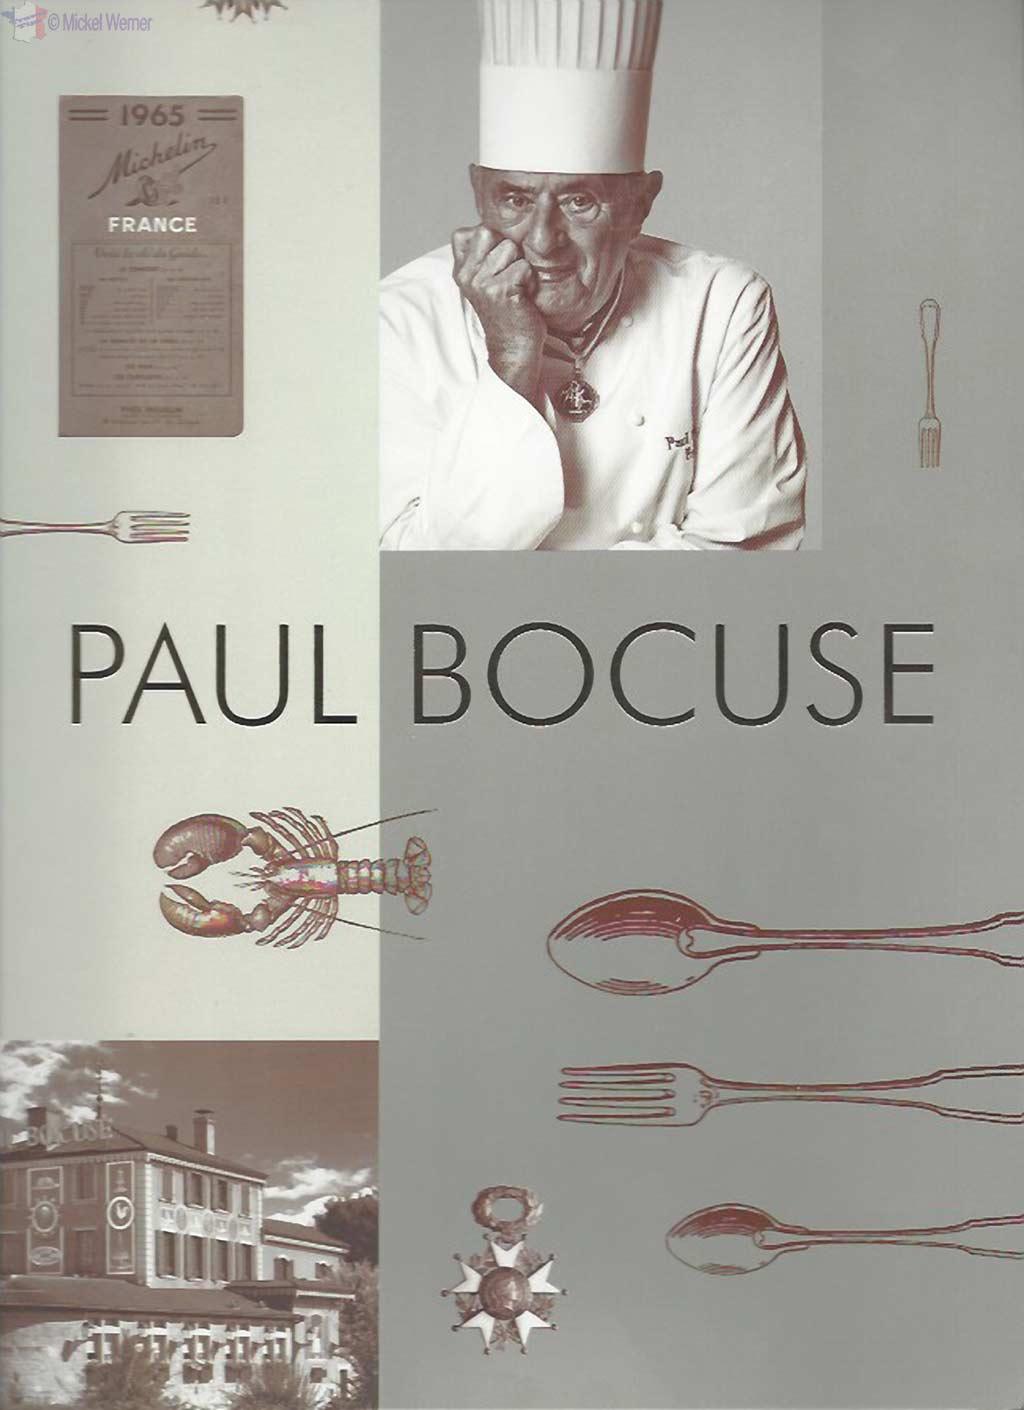 Paul Bocuse menu cover